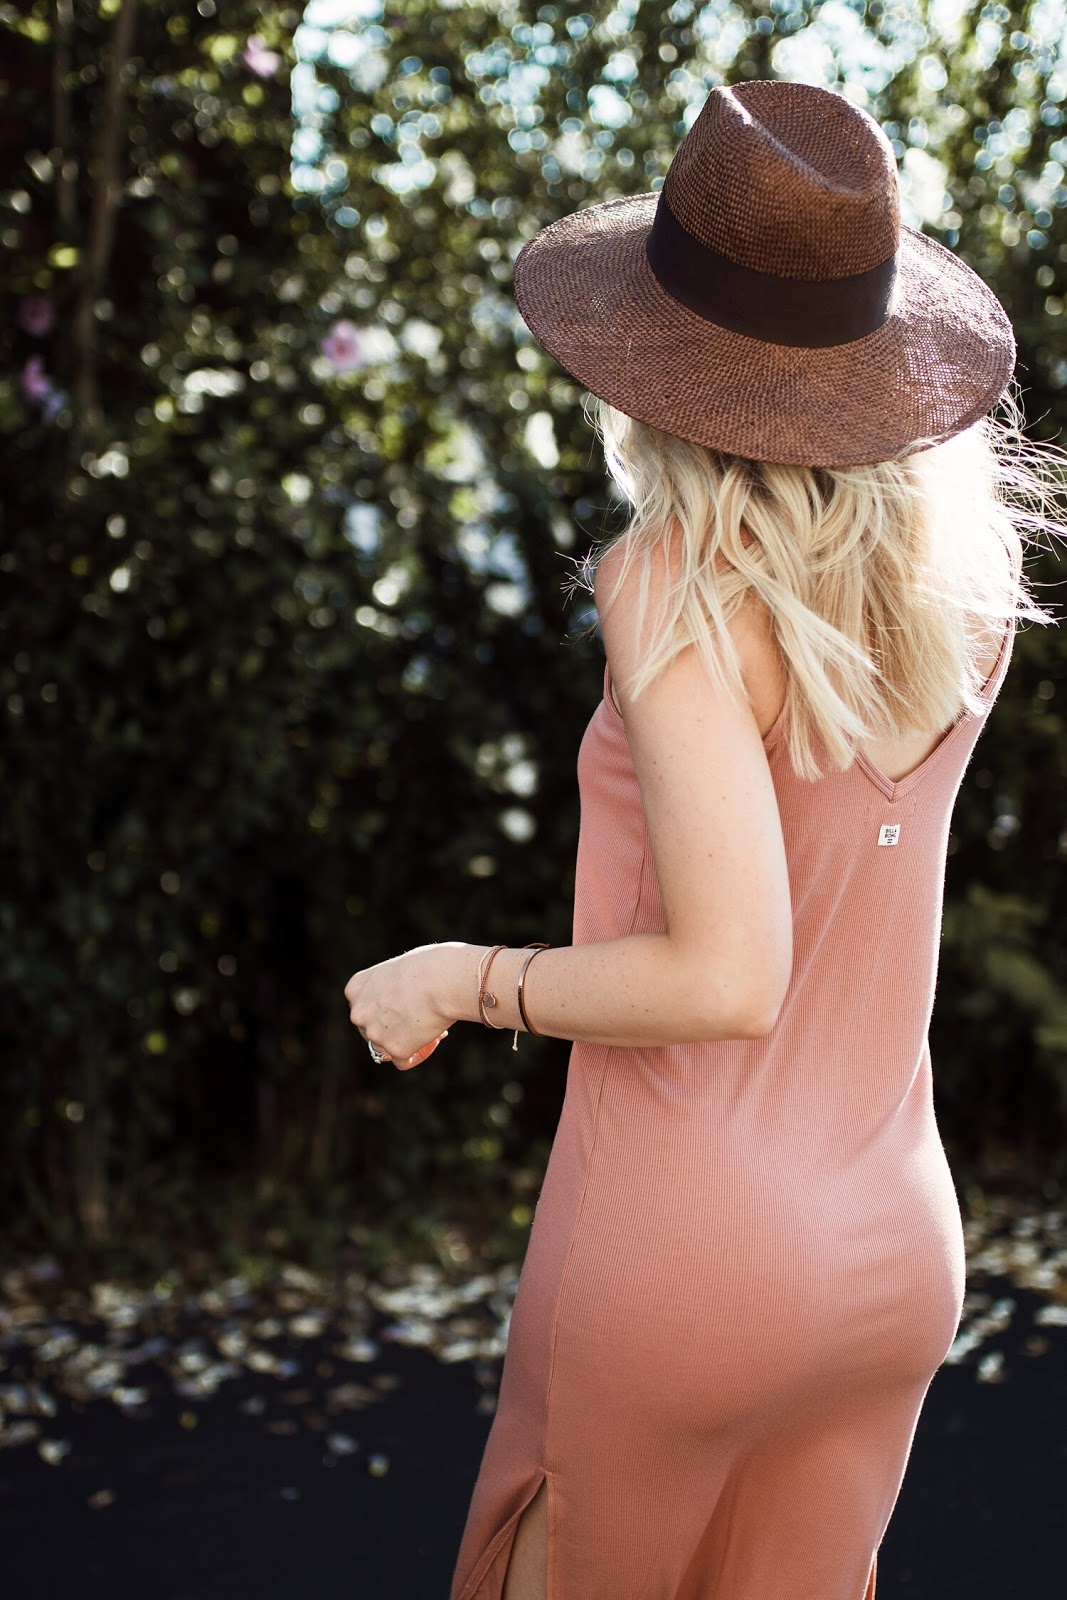 millennial pink / tumblr pink